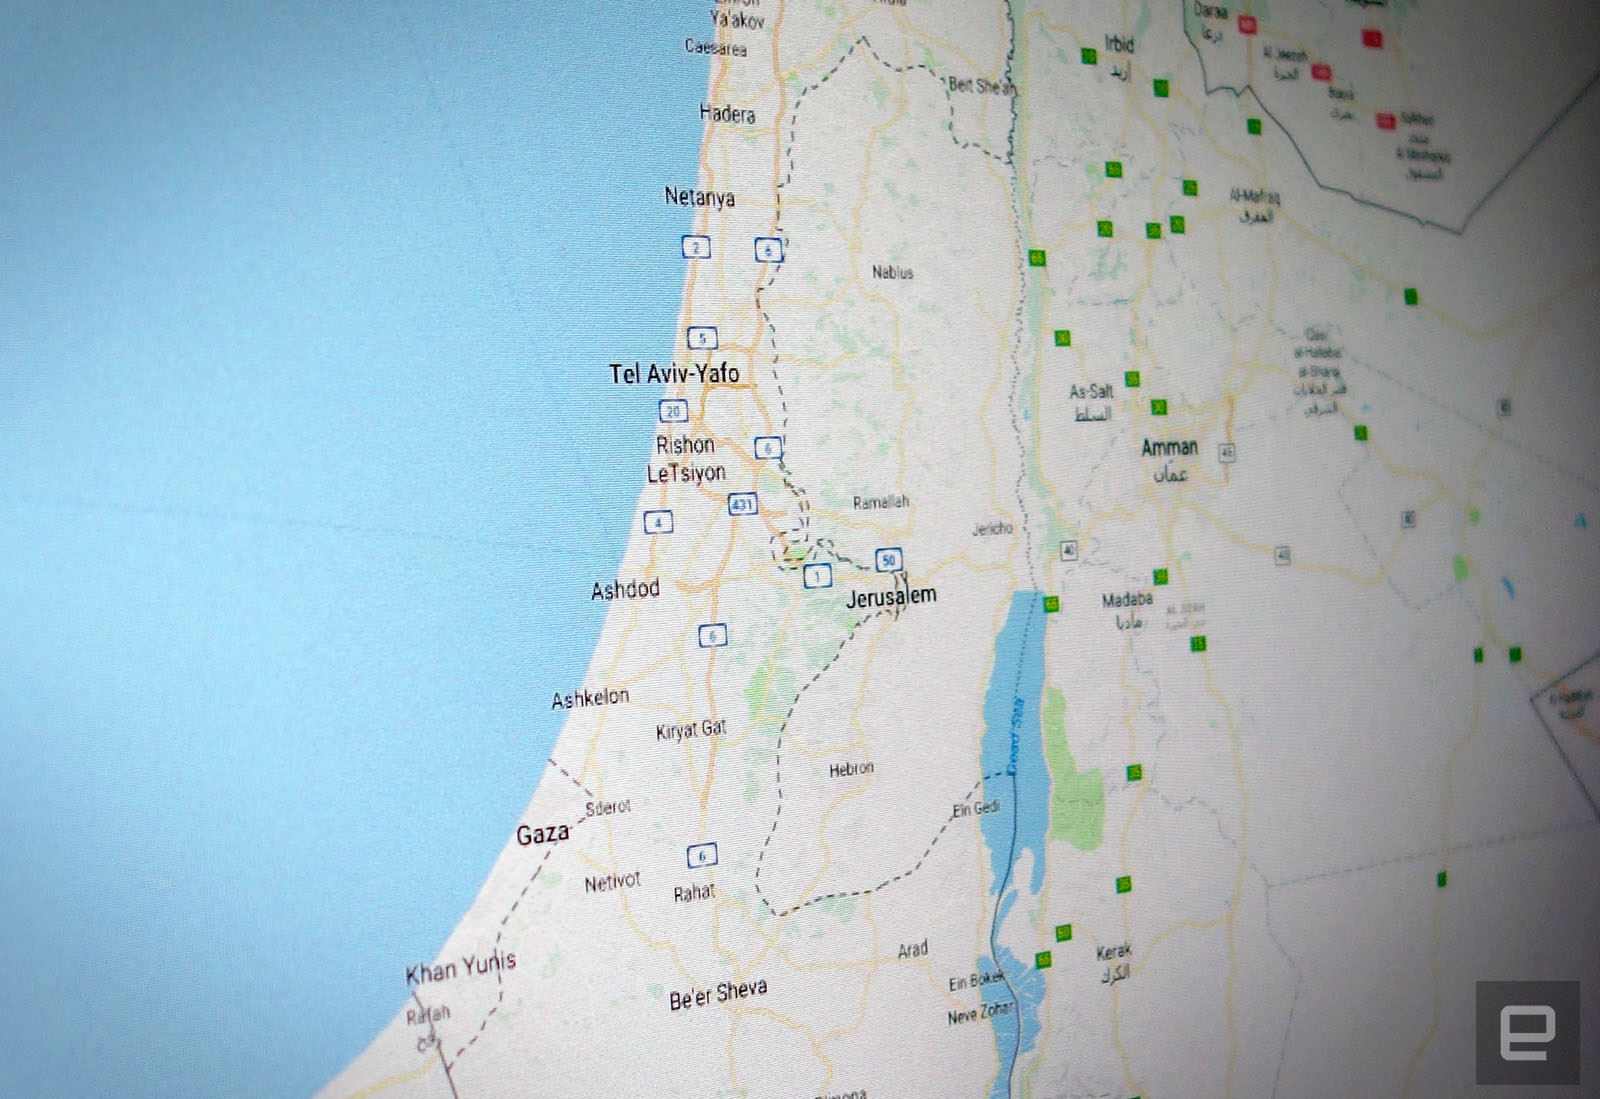 N J Screenshot via Google Maps